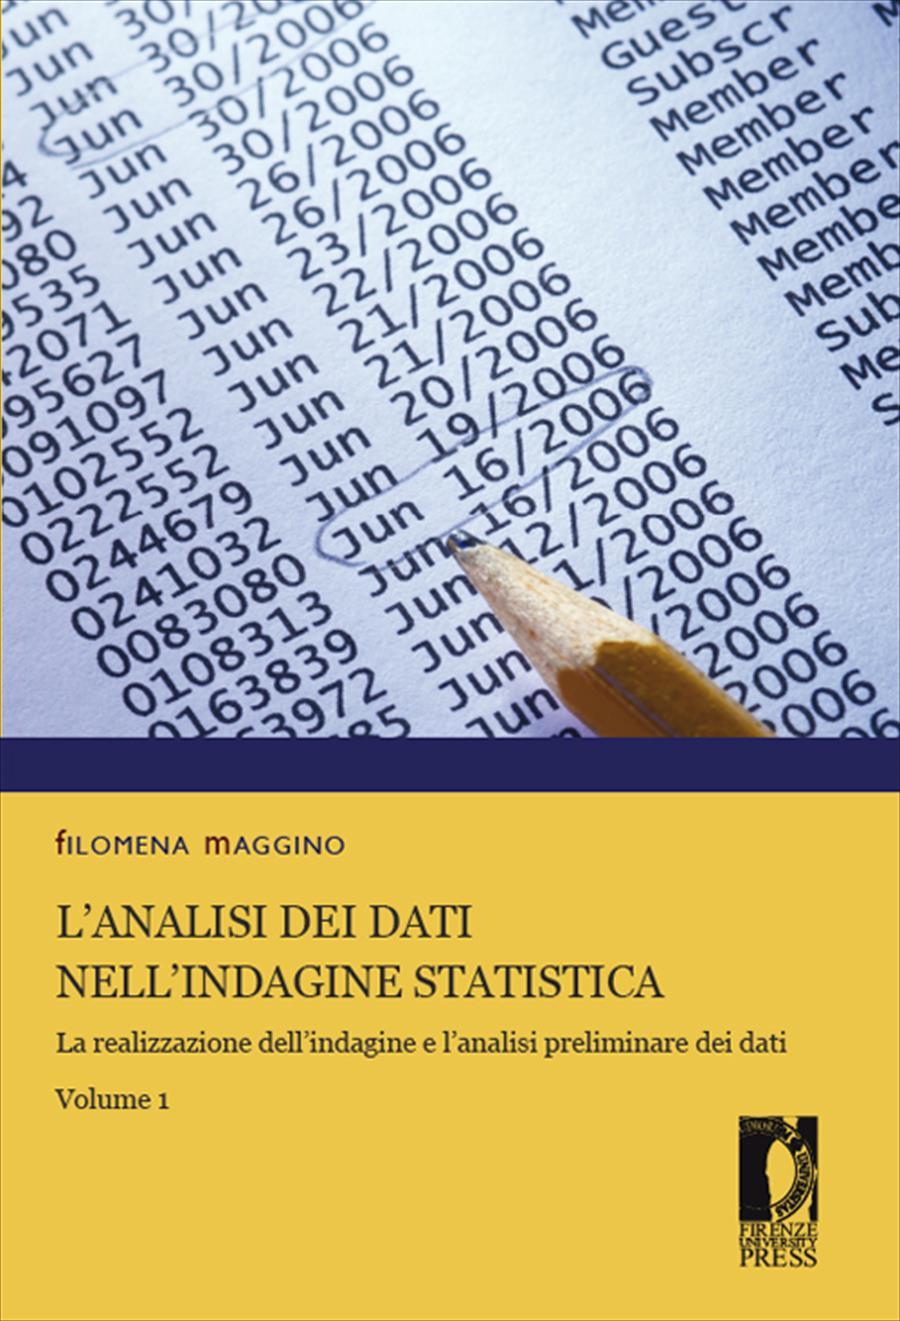 L'analisi dei dati nell'indagine statistica. Volume 1